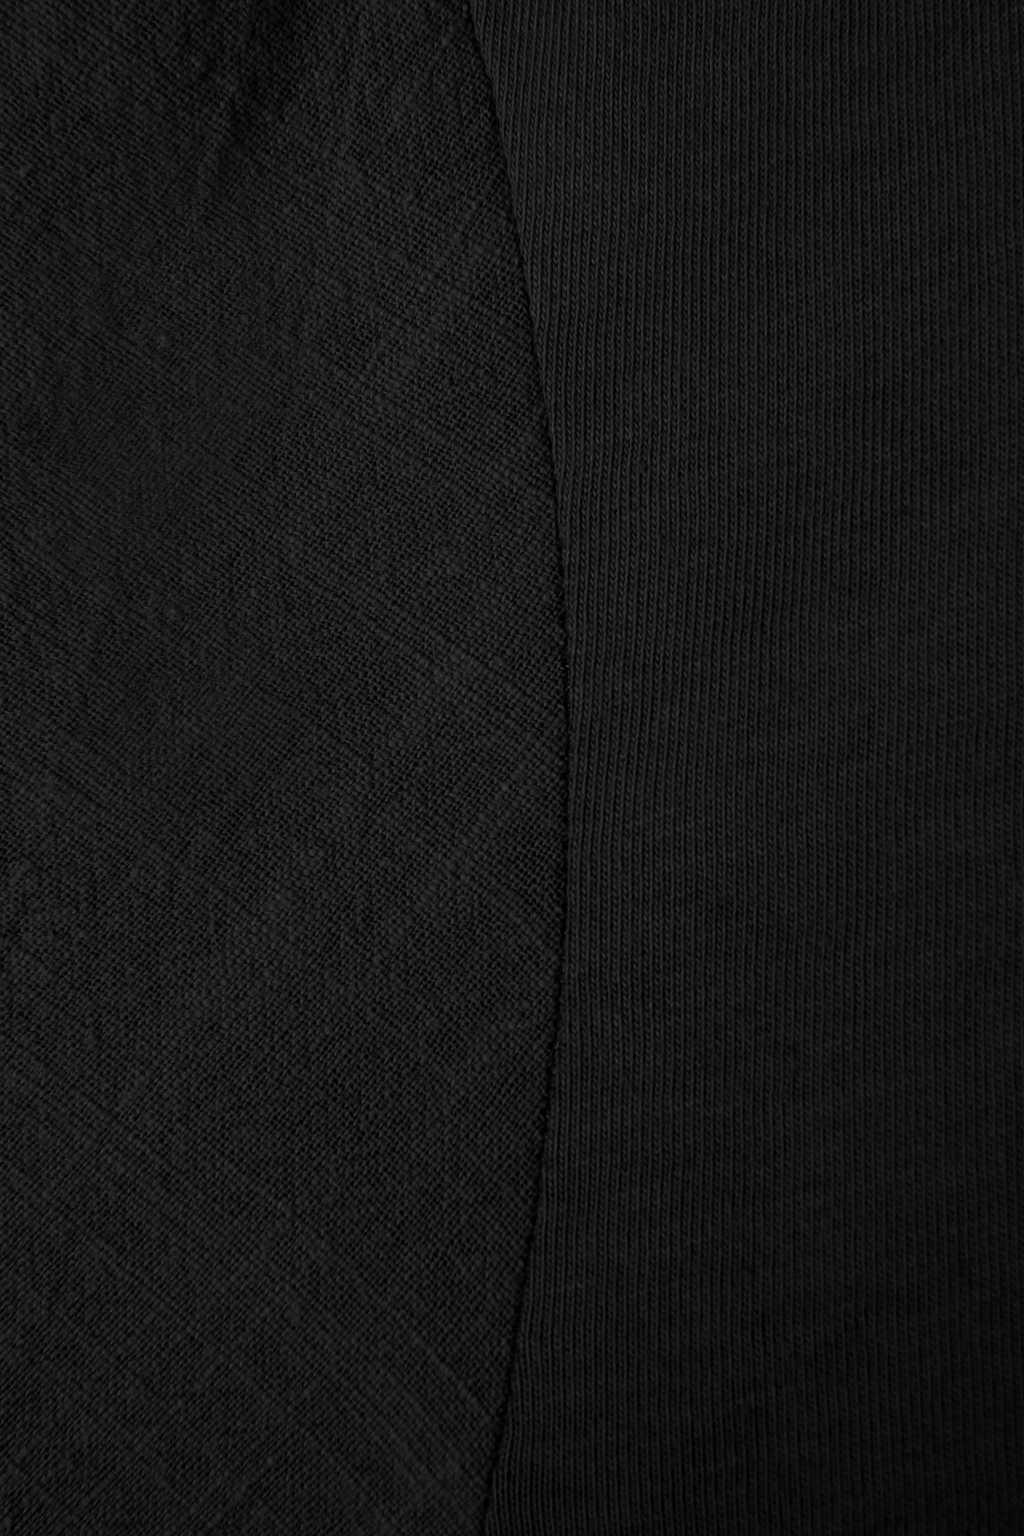 TShirt 3010 Black 12